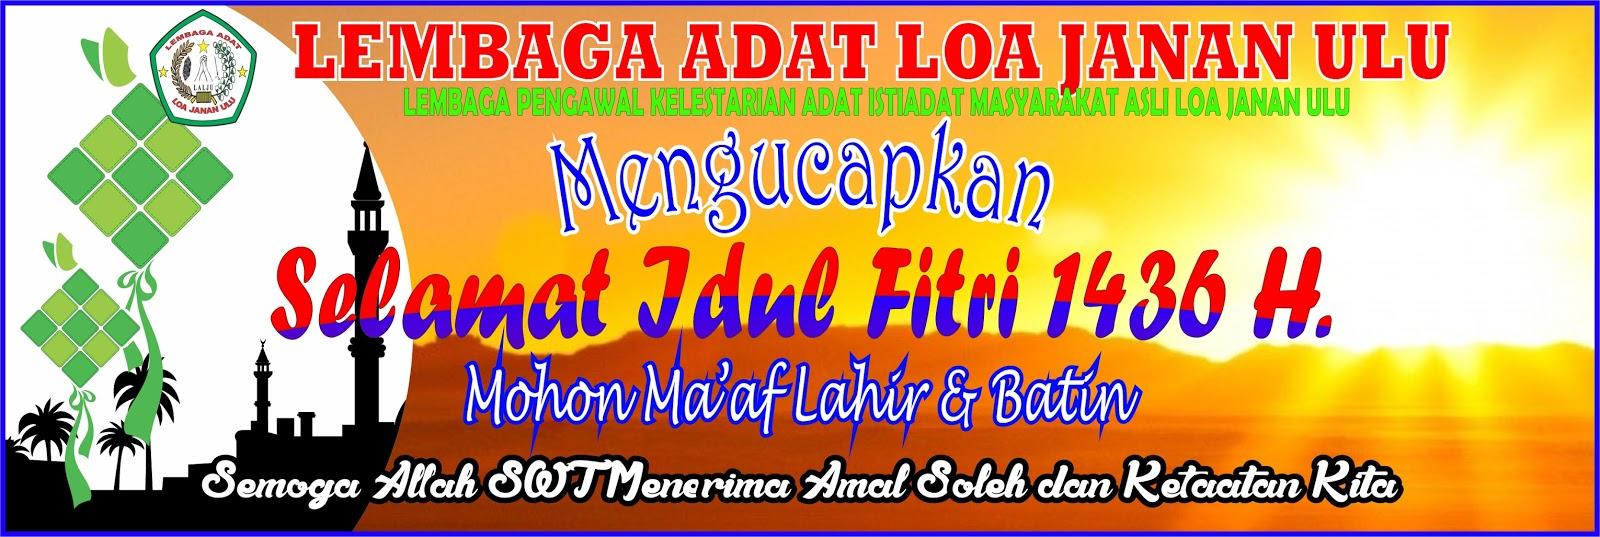 Busushedewloajananulu Banner Ucapan Selamat Idul Fitri 1436 H